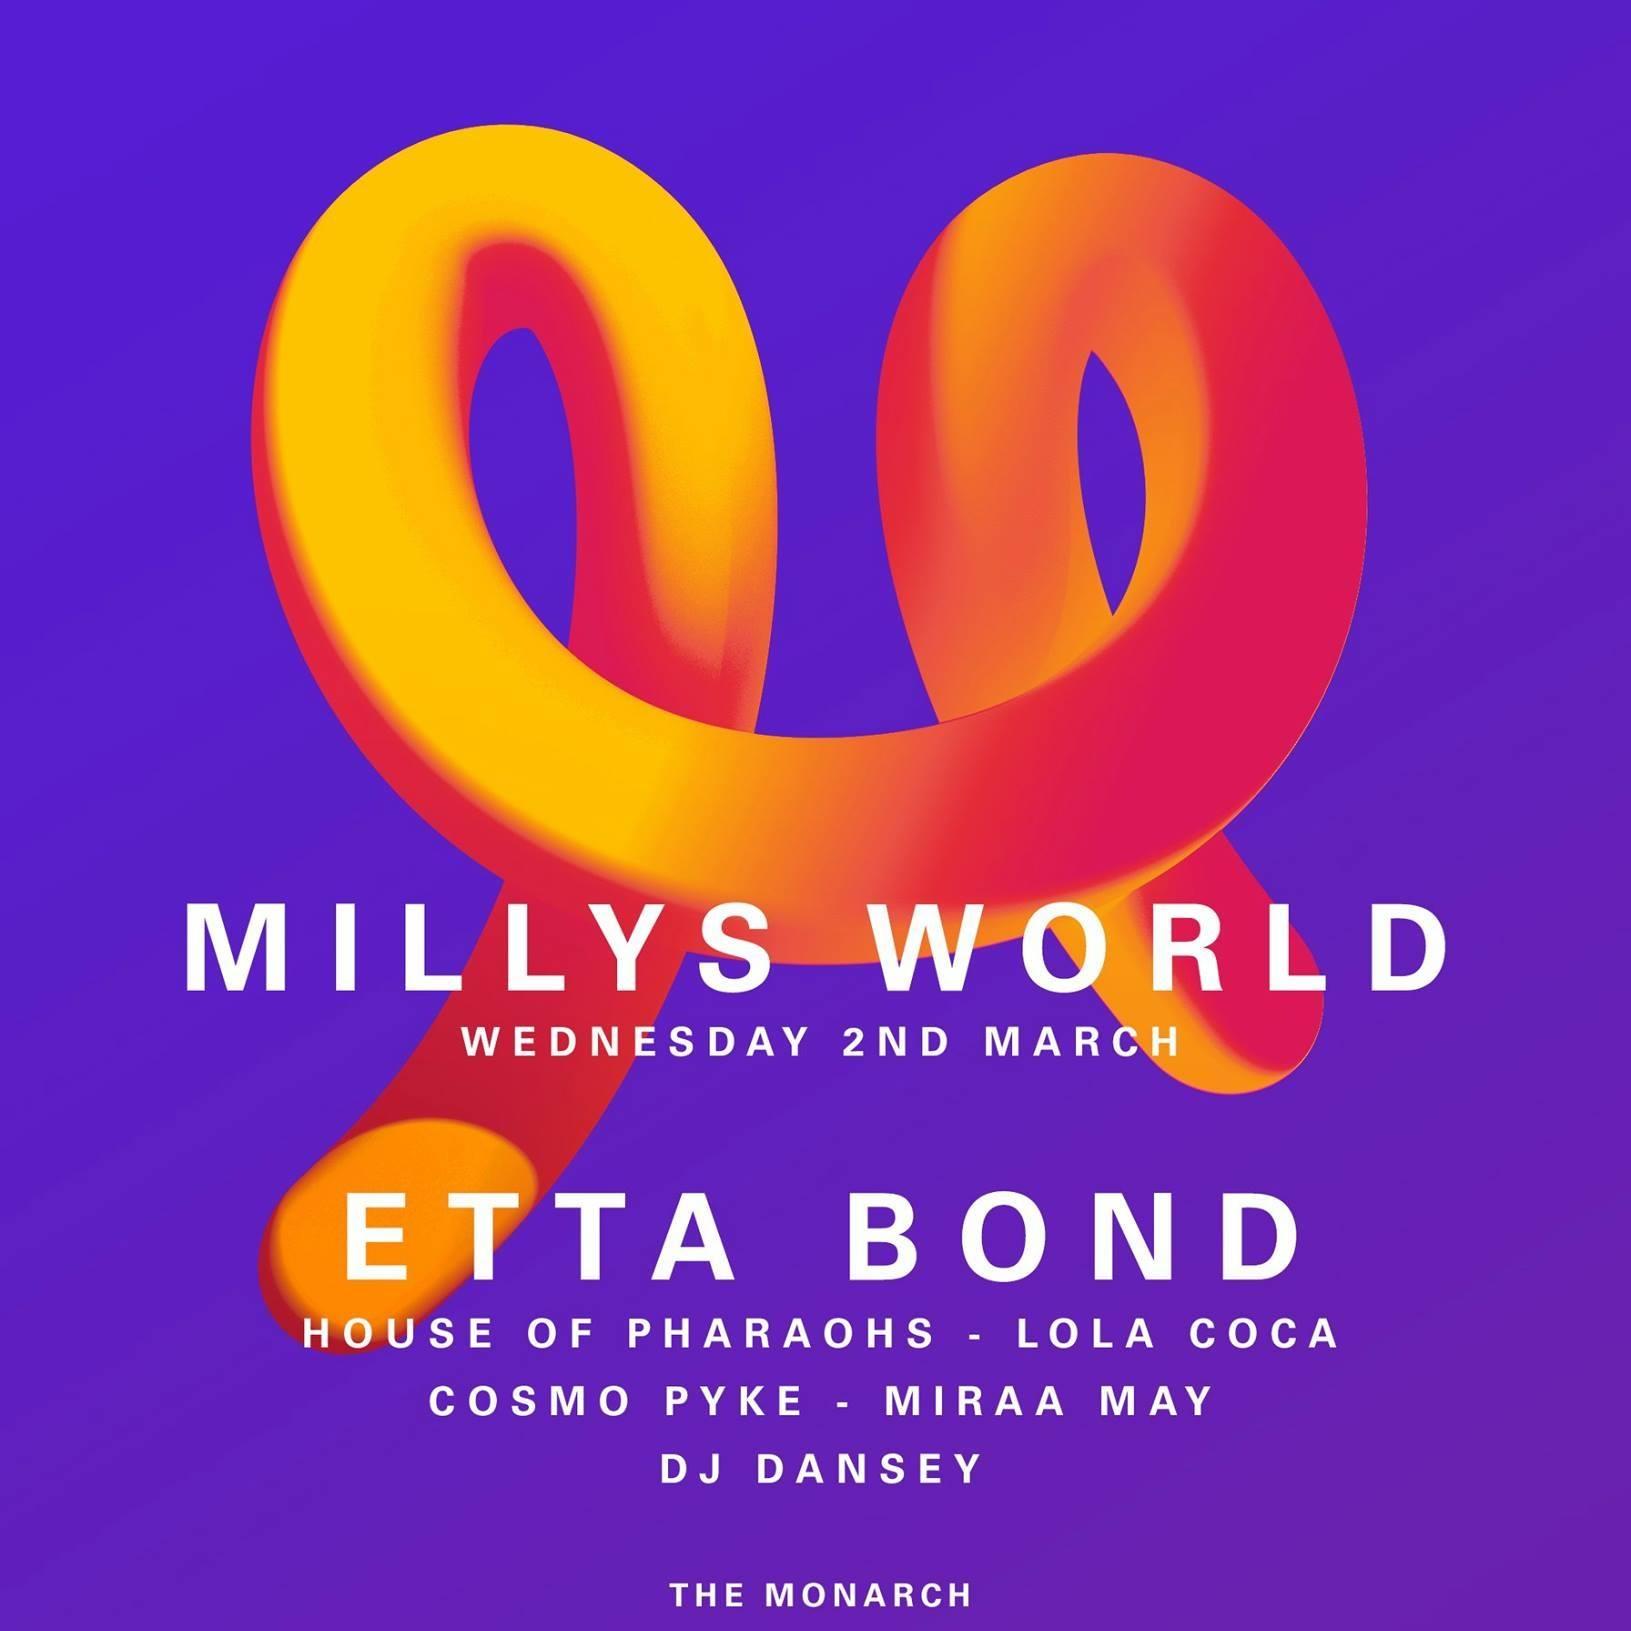 Etta Bond